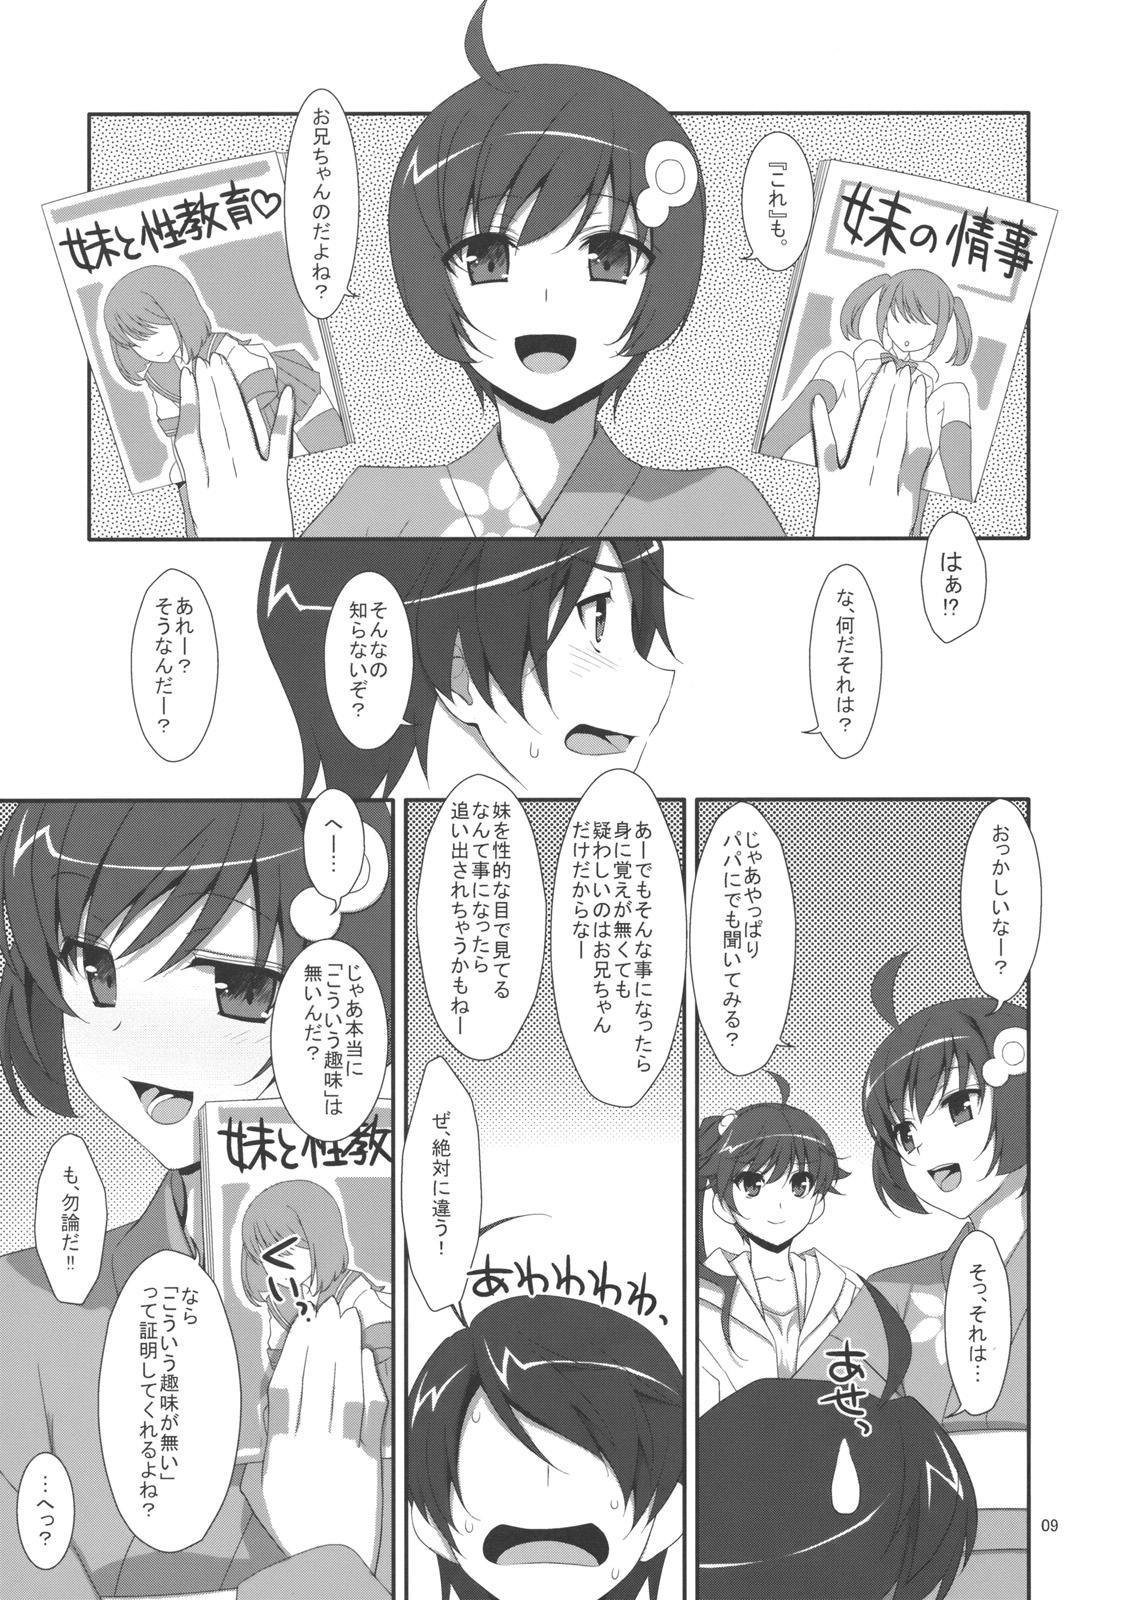 Oniichan wa Imouto ni Yokujou Shitari Shinaiyone? 7